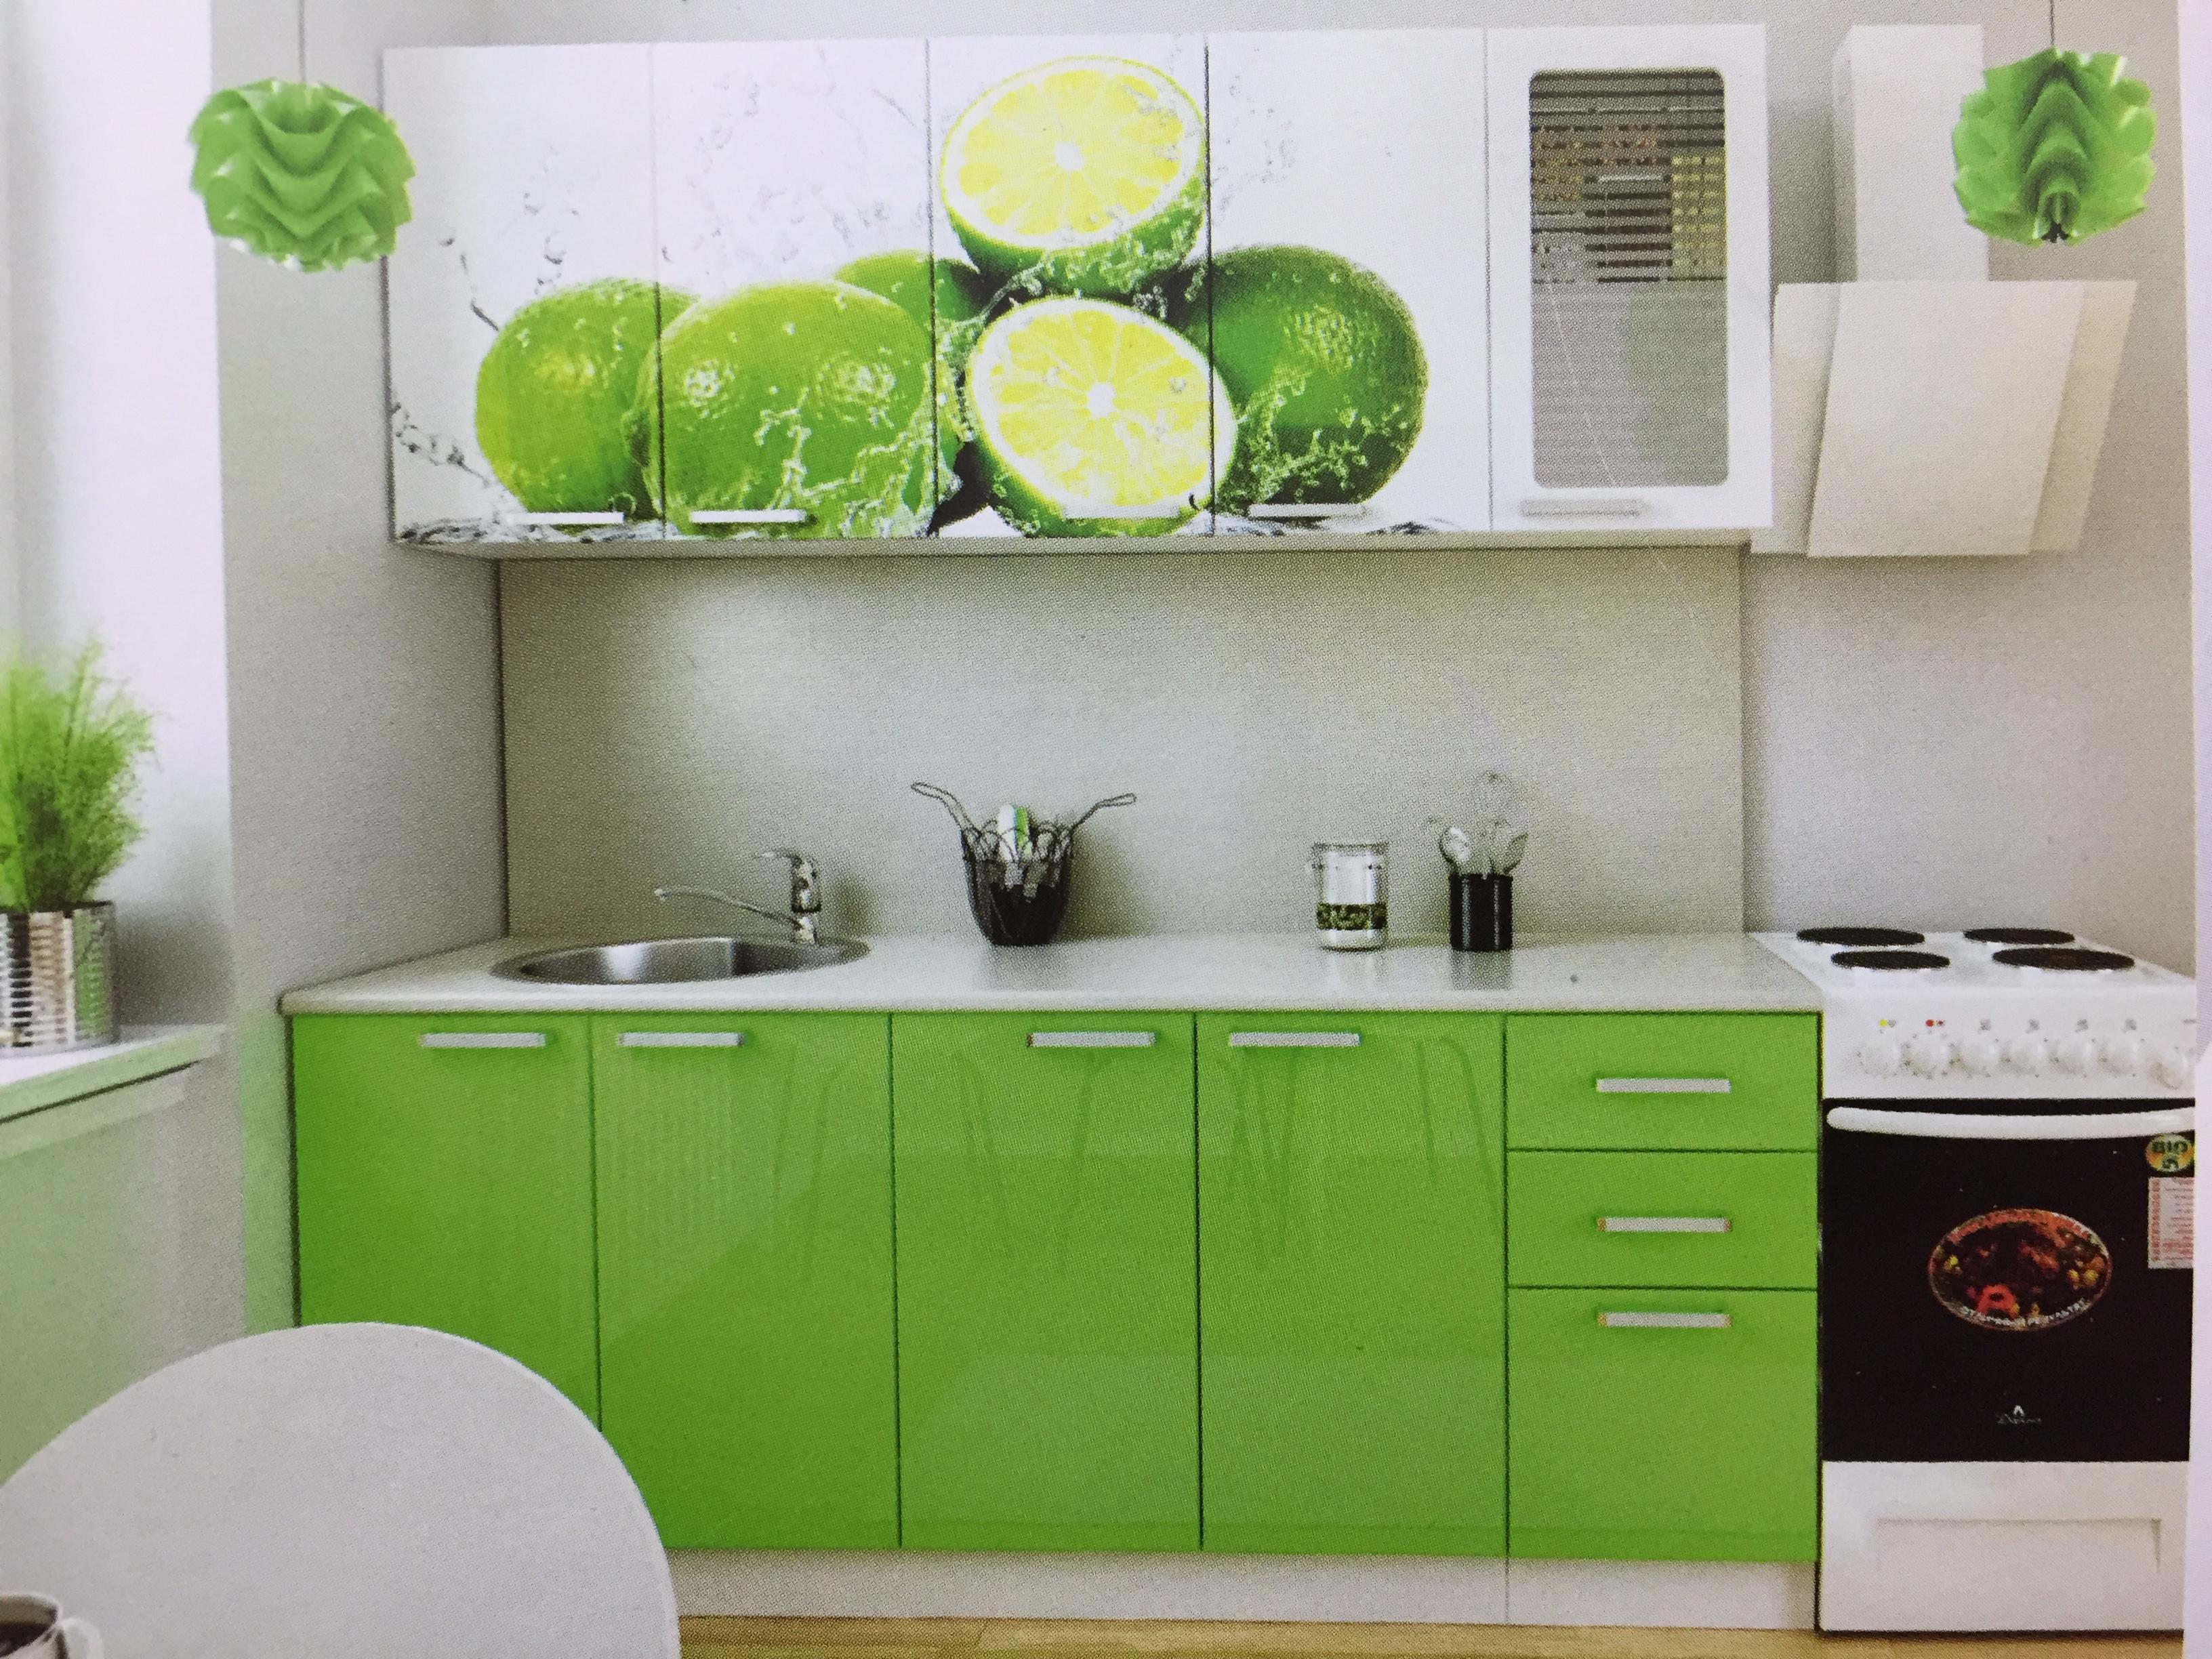 легко доступно, мир кухонь с фотопечатью в спб посещение